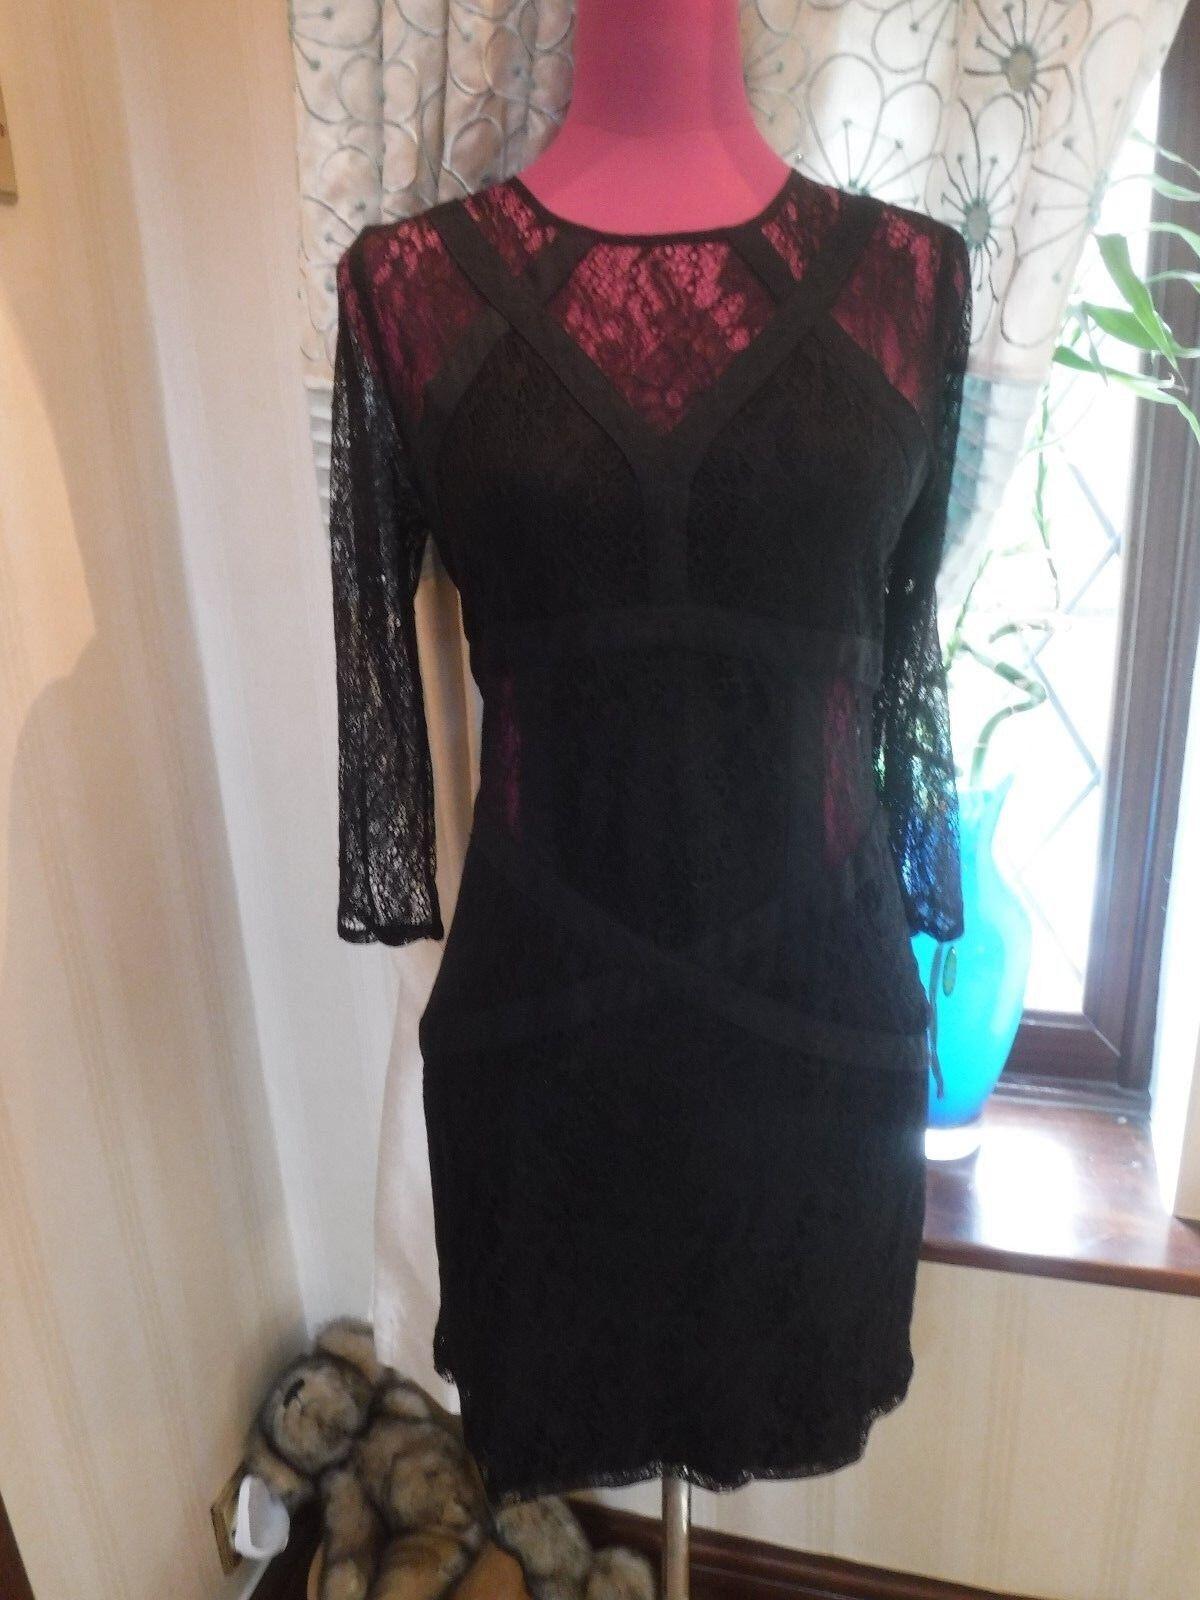 427b8ca07d91da Stunning All Saints Neely Dress schwarz Größe Größe Größe 6 Excellent  Condition 4c7f08